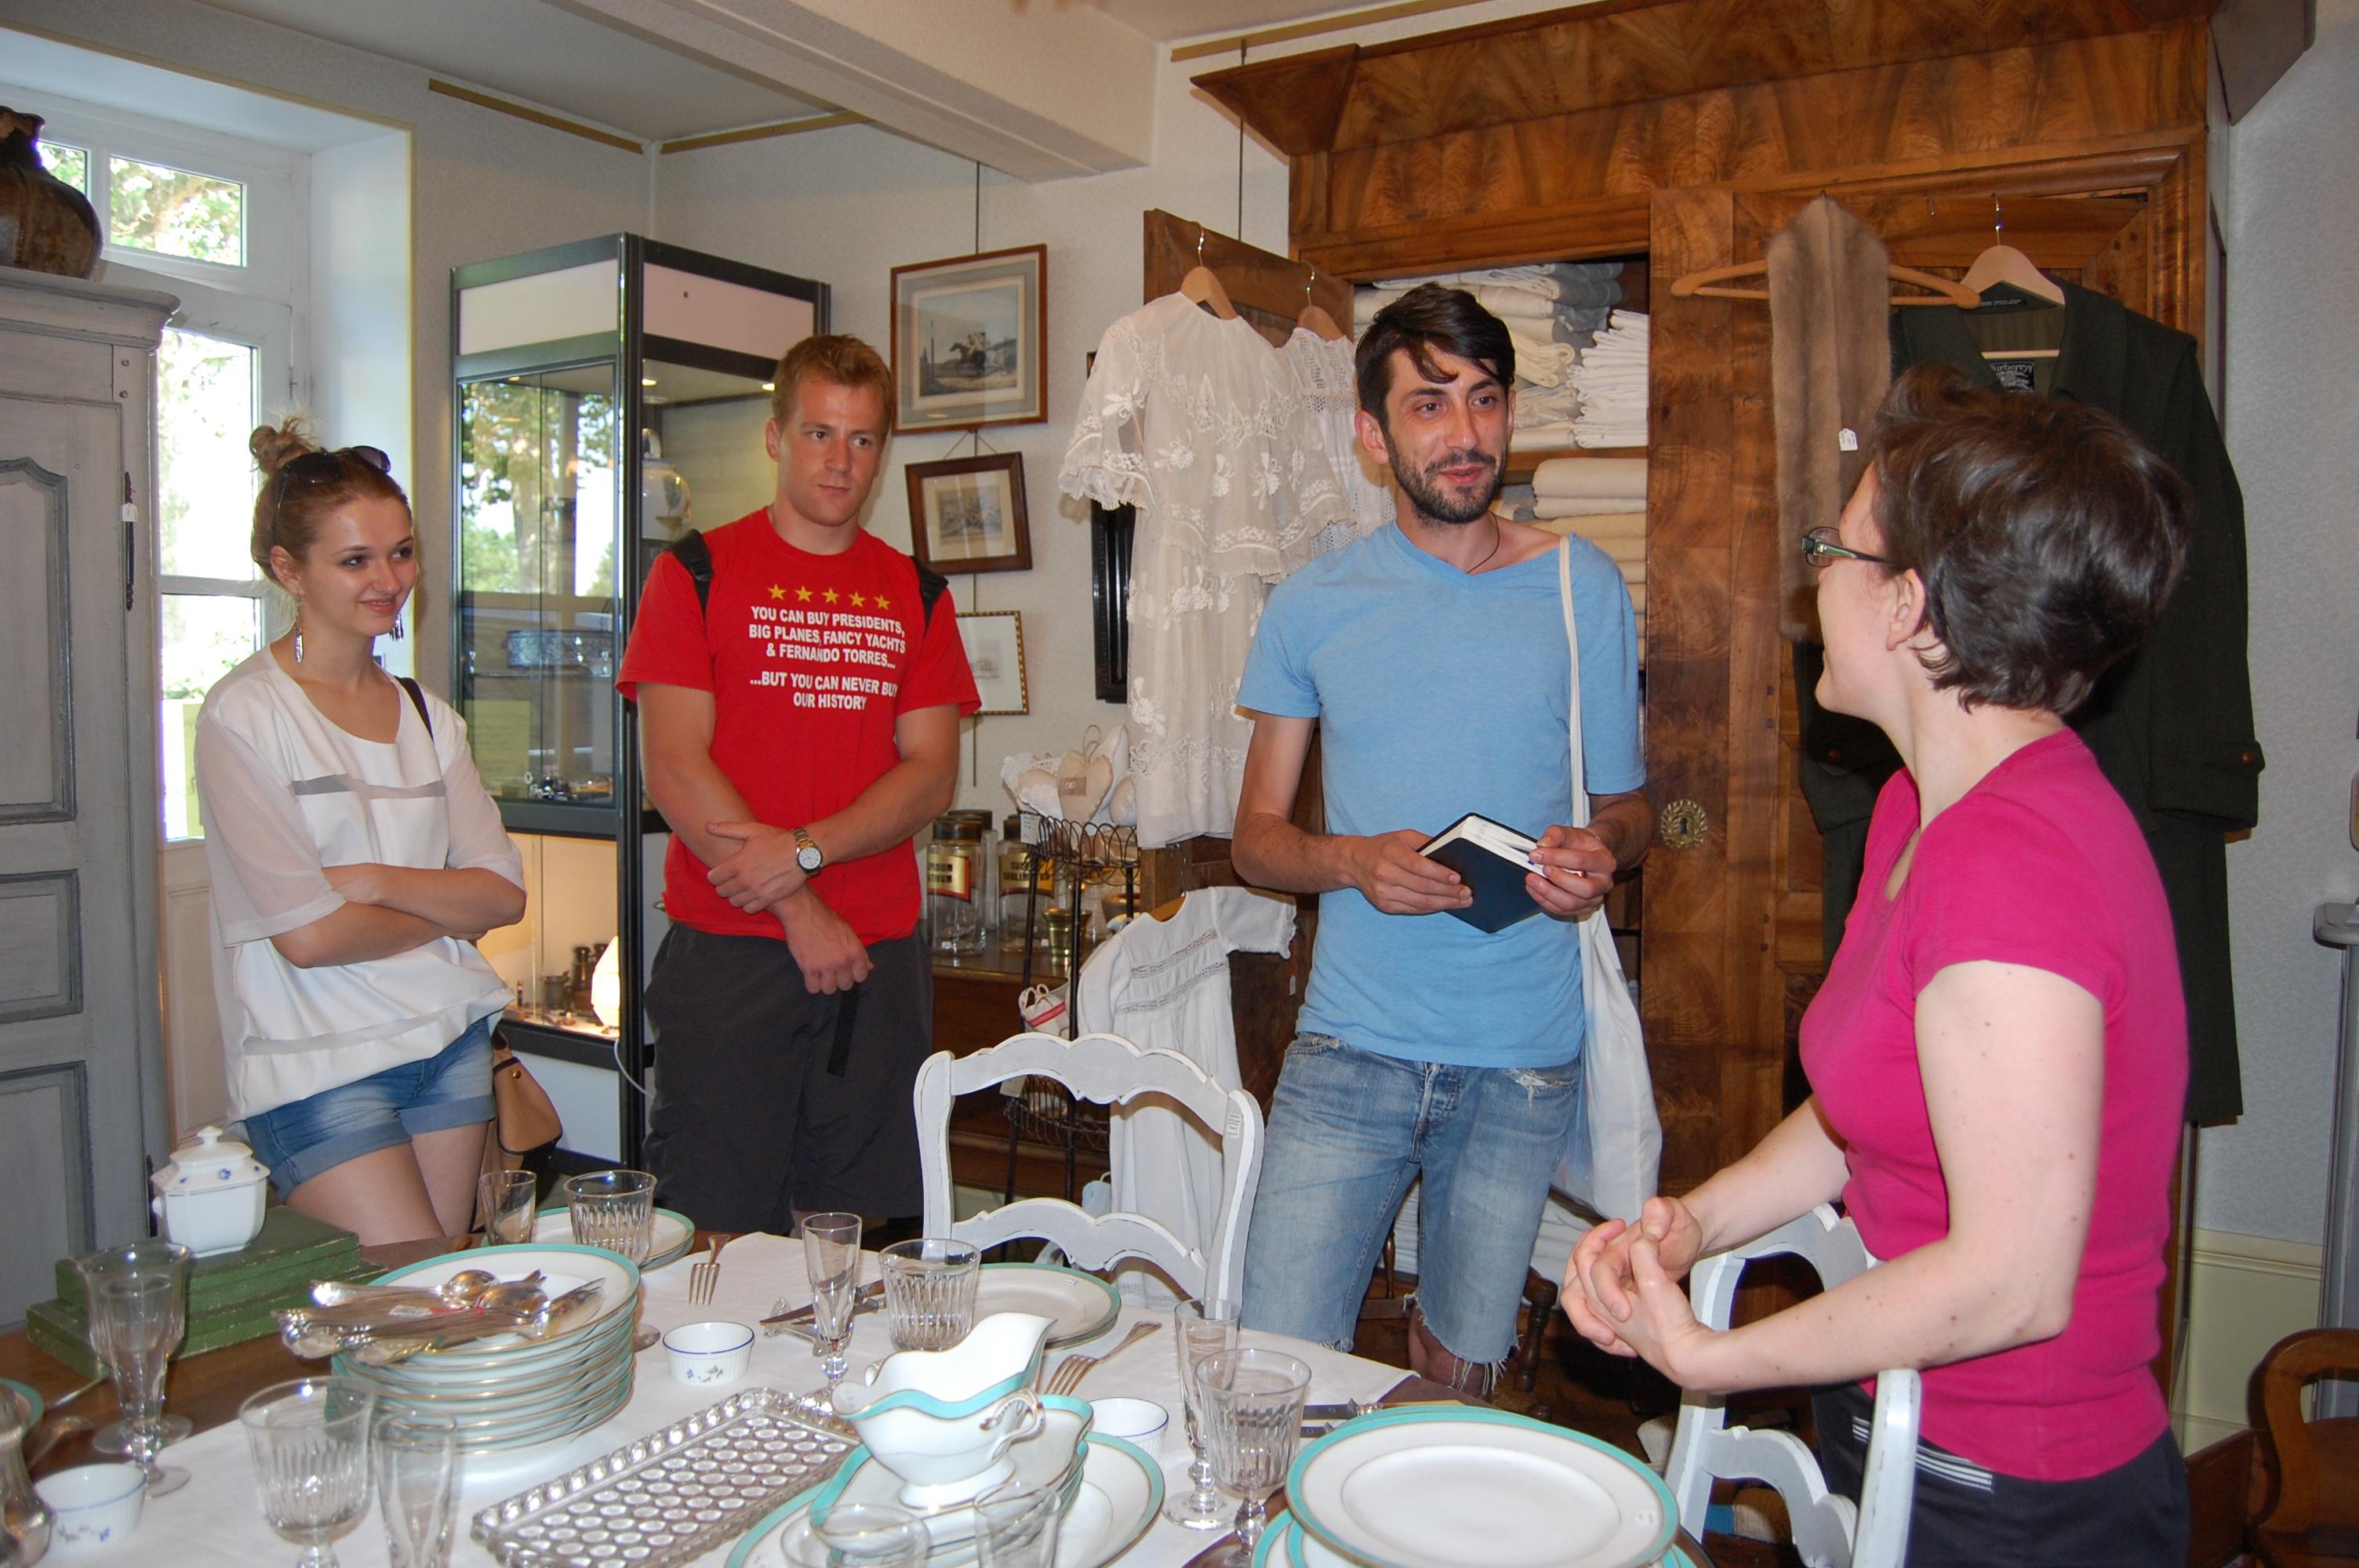 Speech with employer of an antics shop